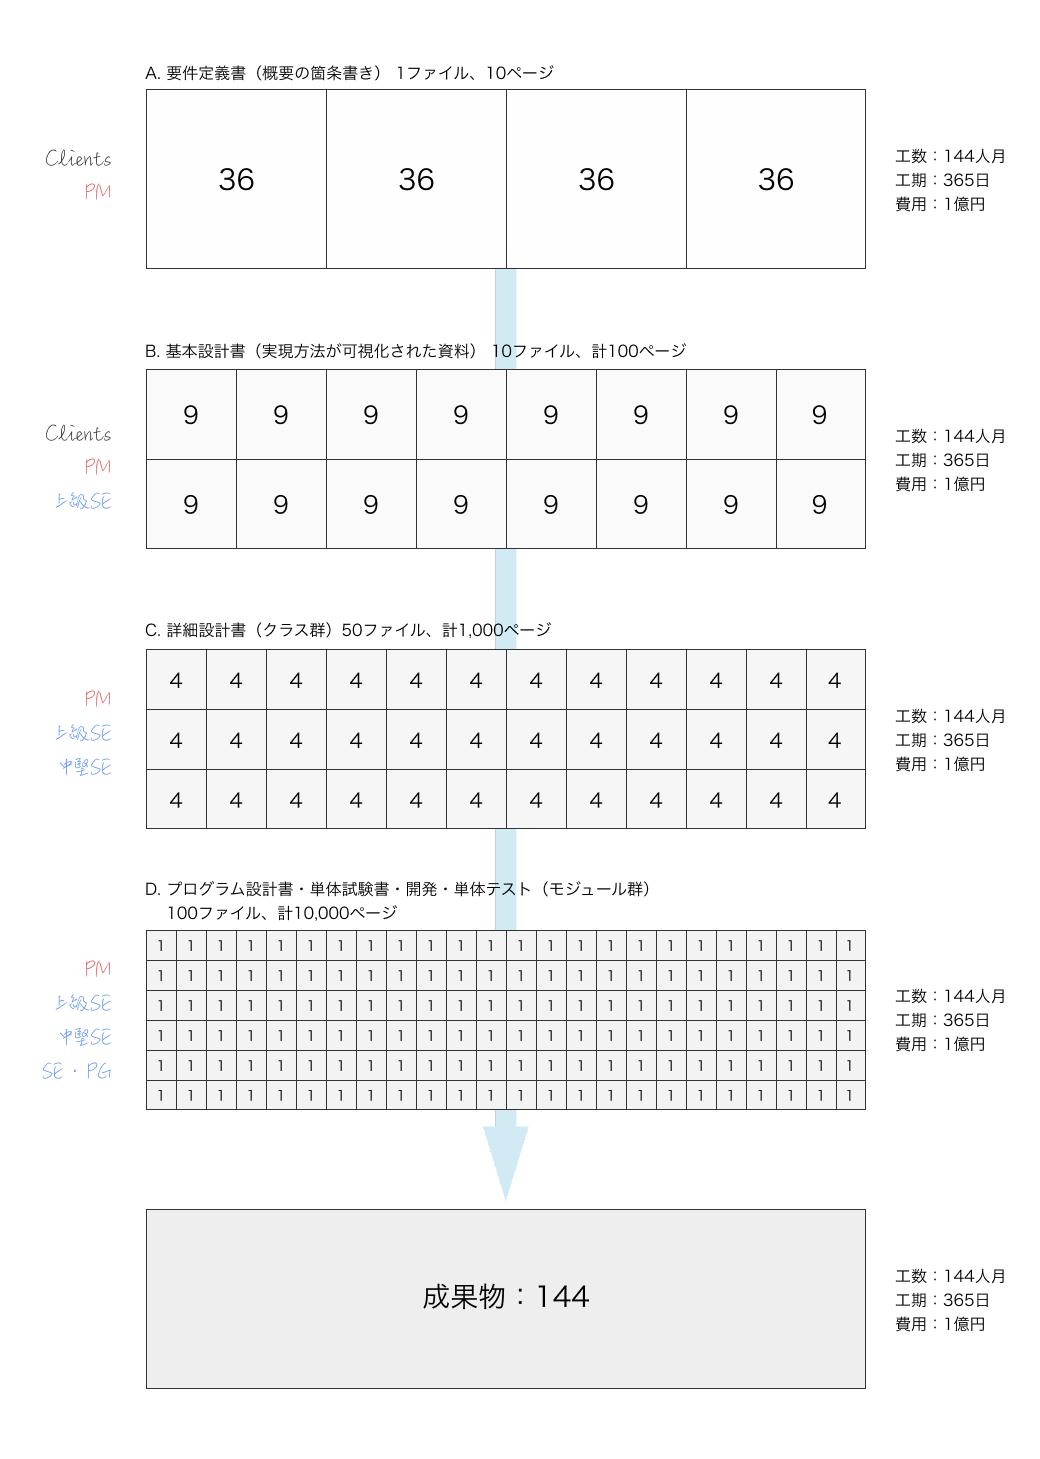 ウォーターフォールにおける各工程の粒度(説明が煩雑に煩雑になるため、結合テスト以降は省略しています)